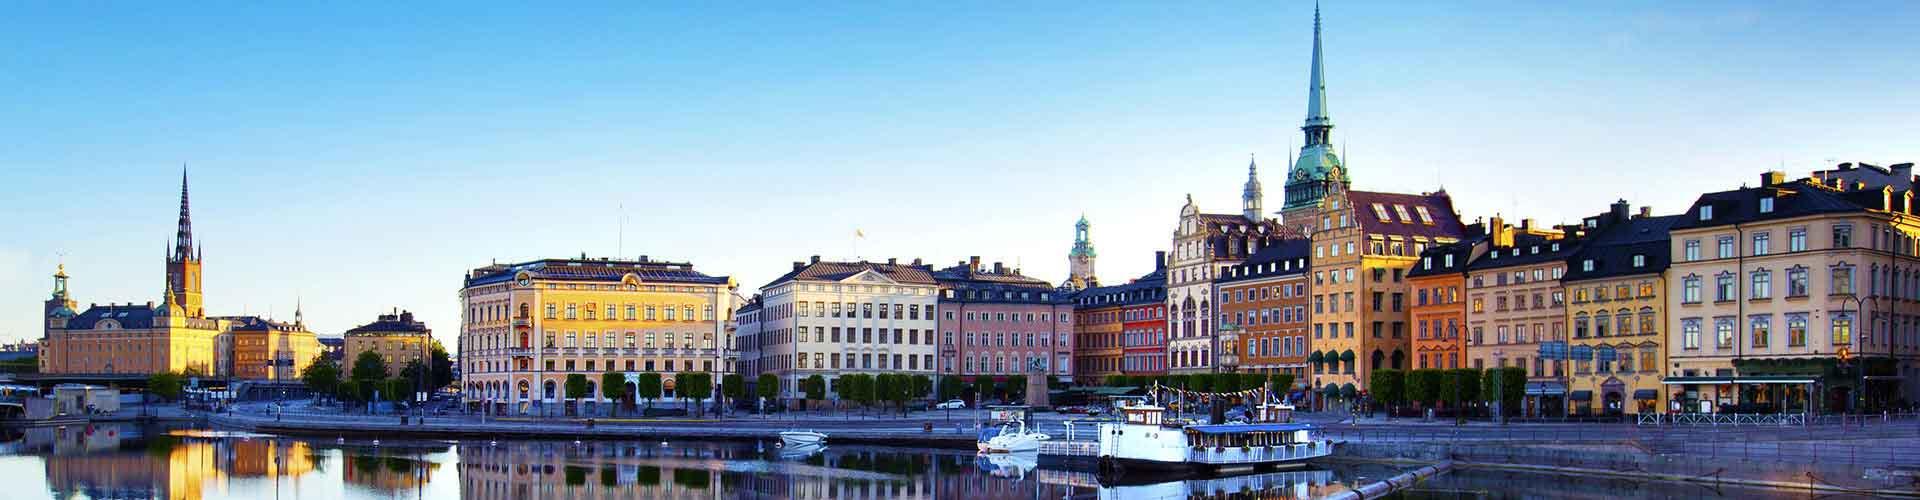 Estocolmo - Albergues Juveniles en Estocolmo. Mapas de Estocolmo, Fotos y Comentarios para cada Albergue Juvenil en Estocolmo.